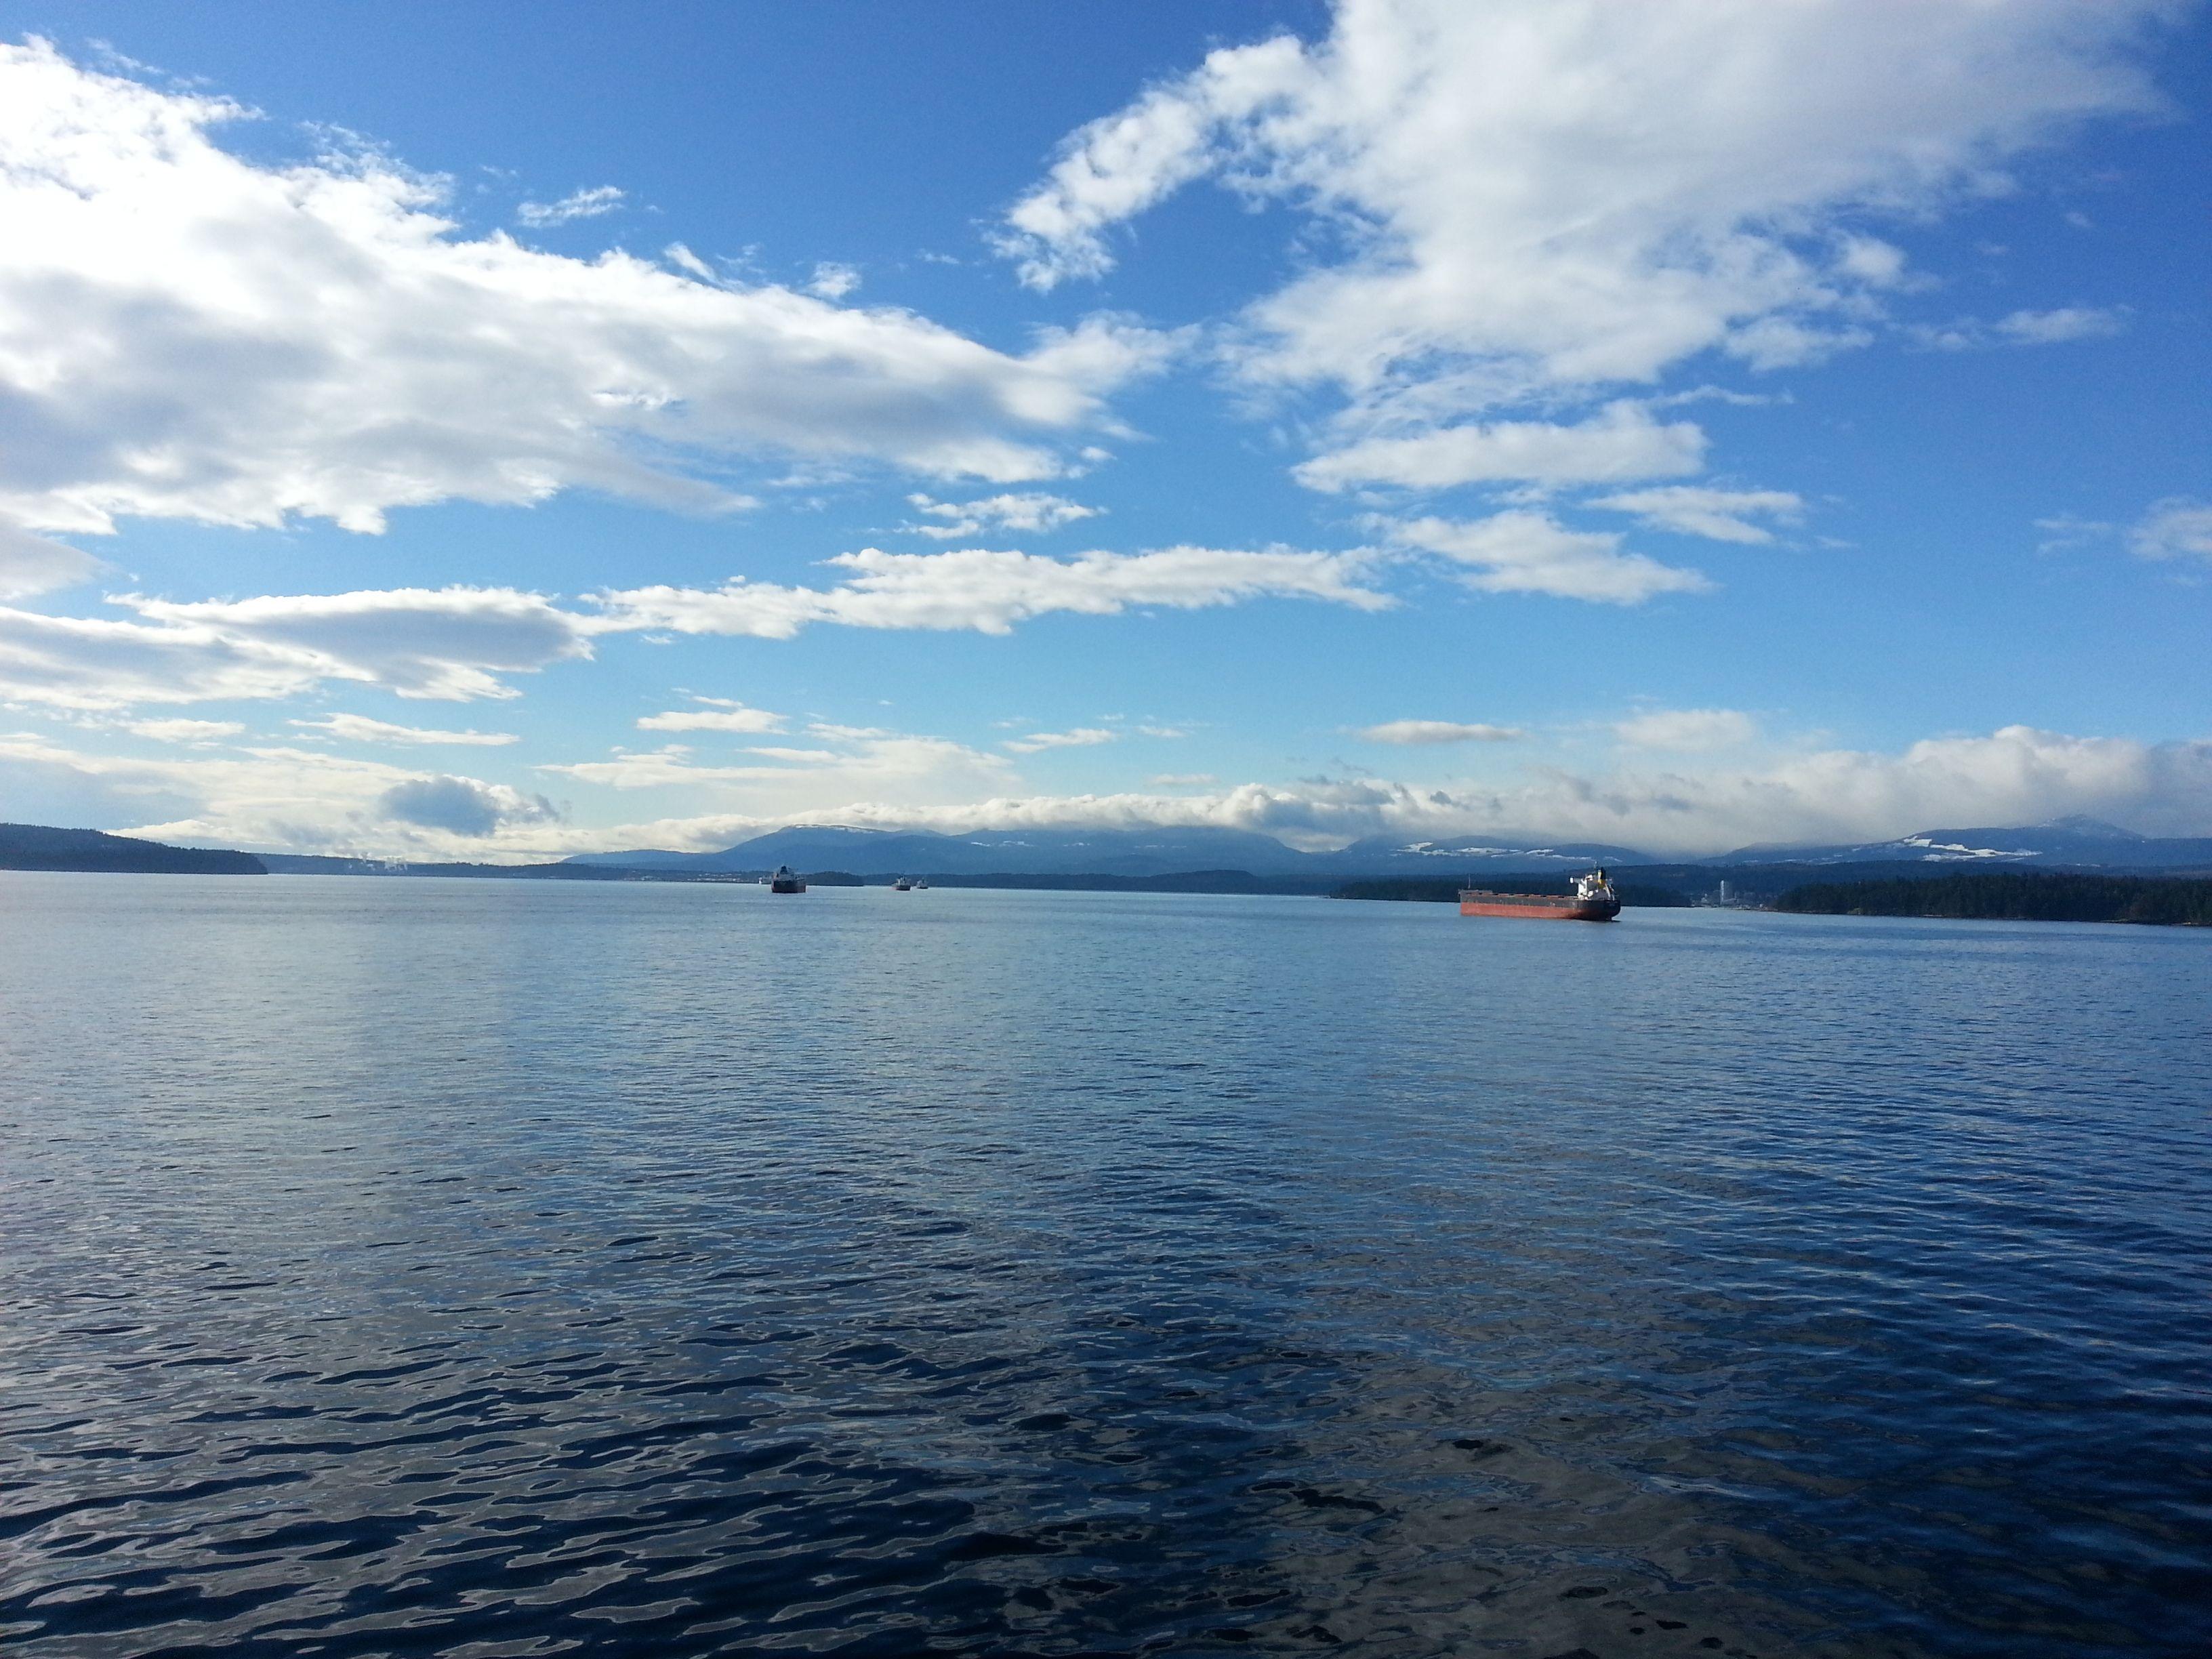 Ferry ride to Nanaimo